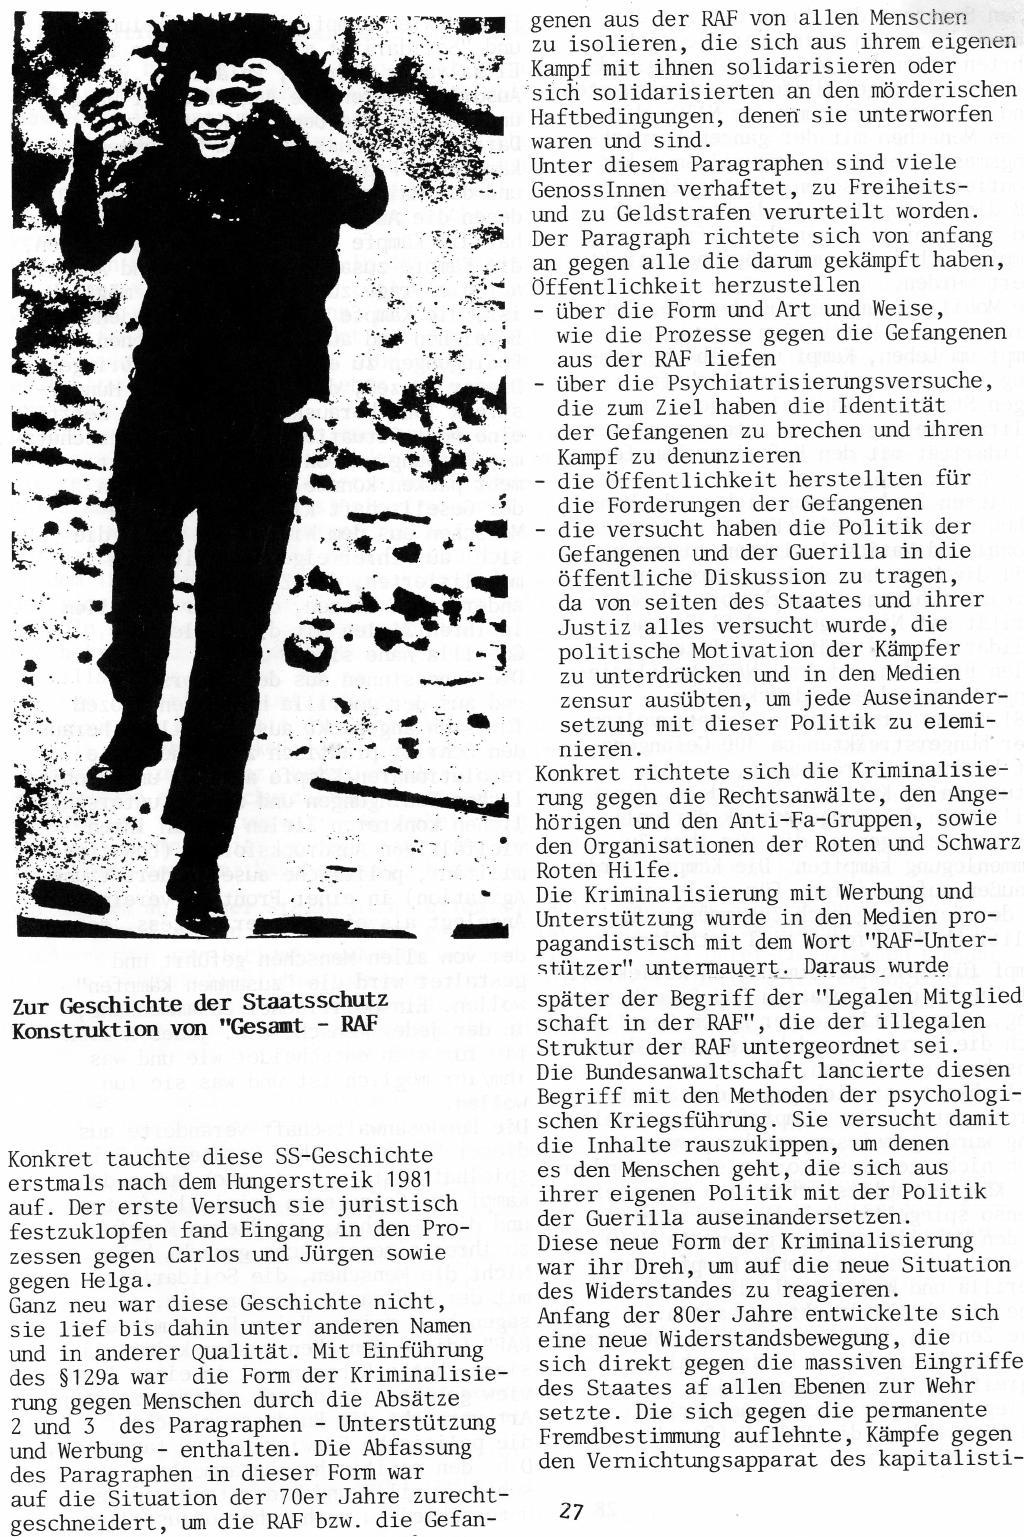 Duesseldorf_1989_Sechs_Politische_Gefangene_027